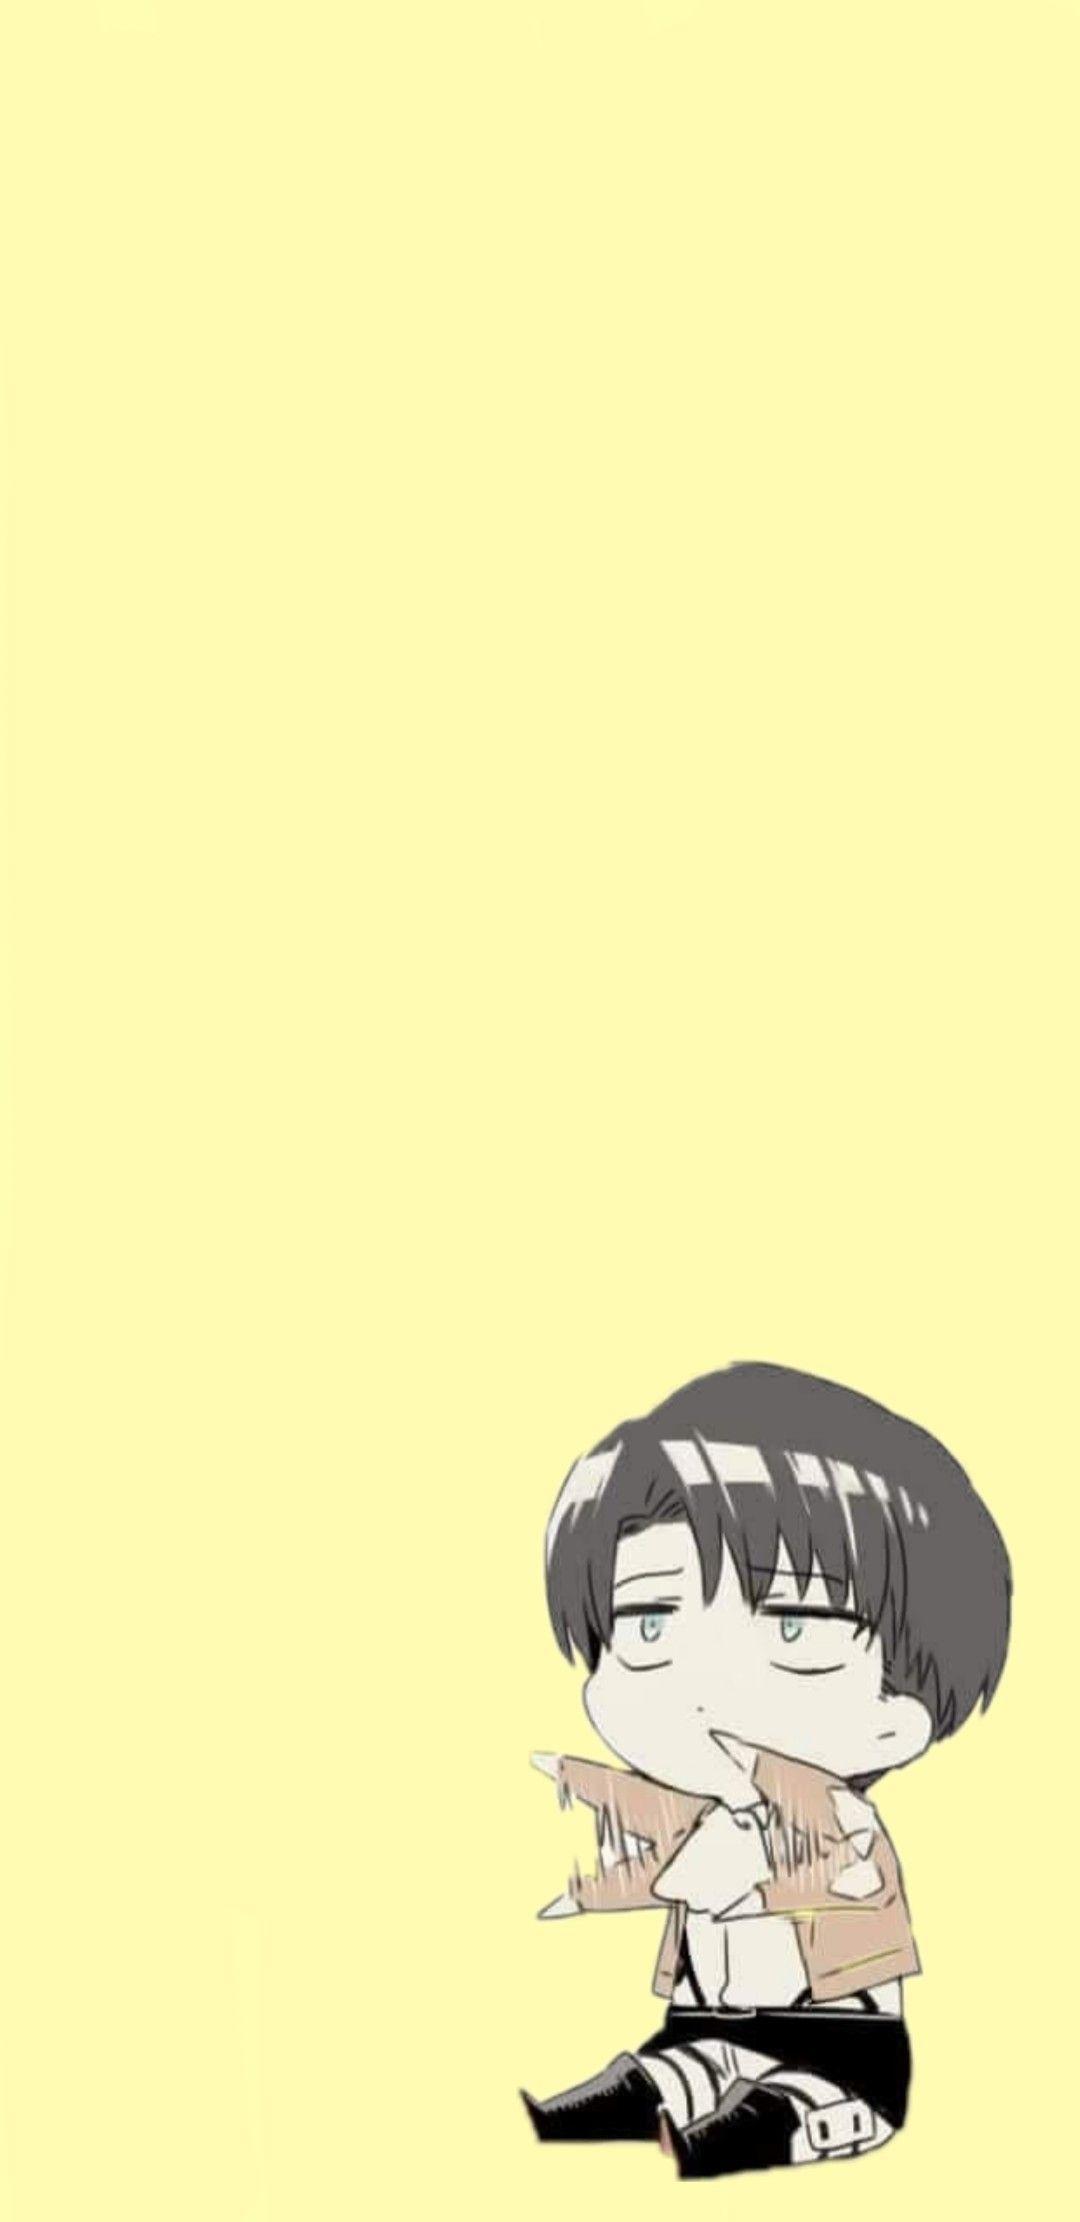 Levi Kawaiiii Anime Wallpaper Attack On Titan Aesthetic Attack On Titan Levi